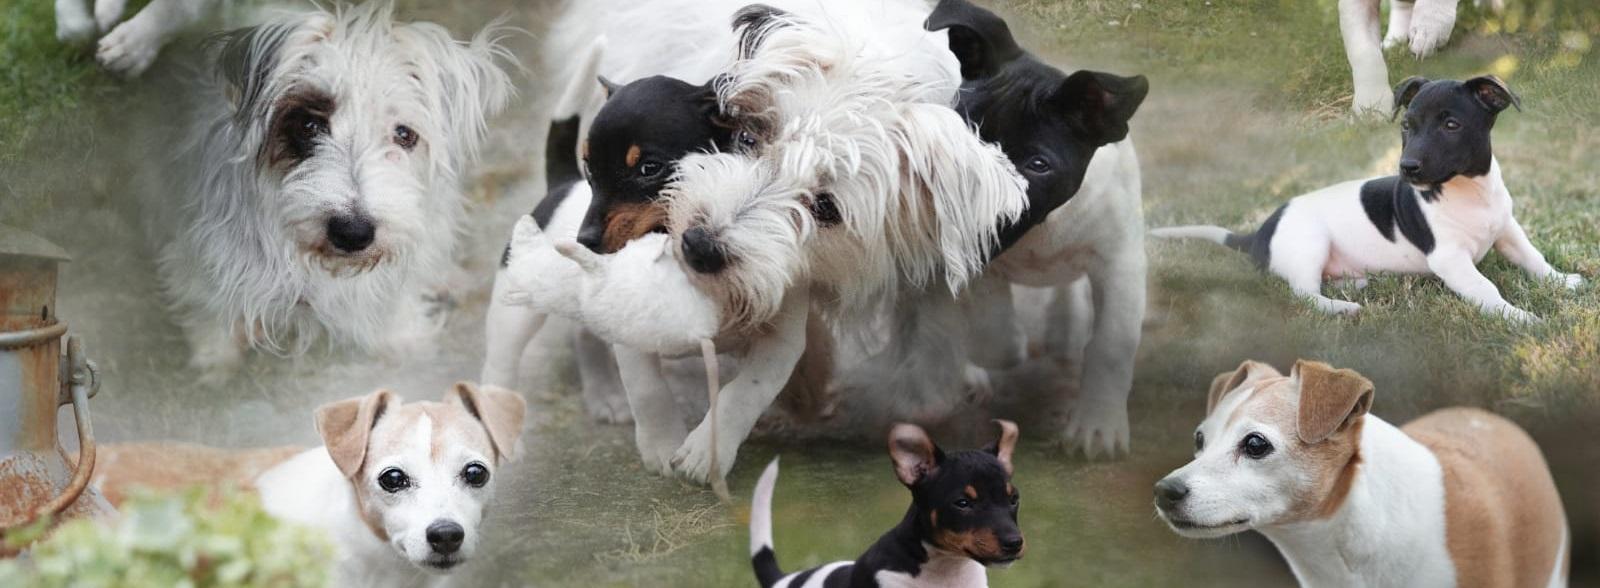 Alles für den Hund